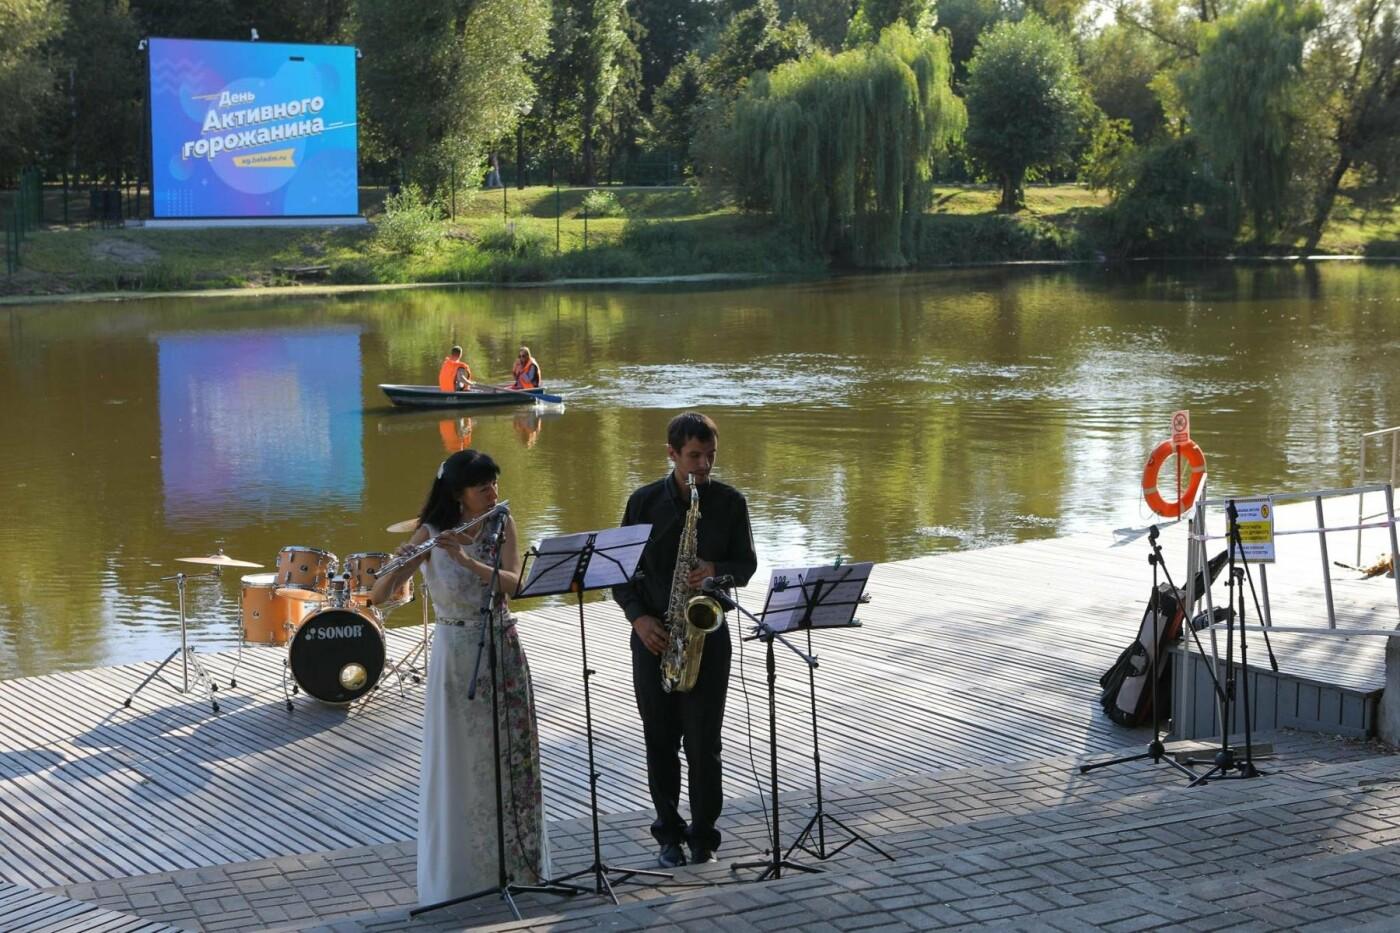 На день рождения «Активного горожанина» пришли сотни гостей, фото-29, Фото Антона Вергуна